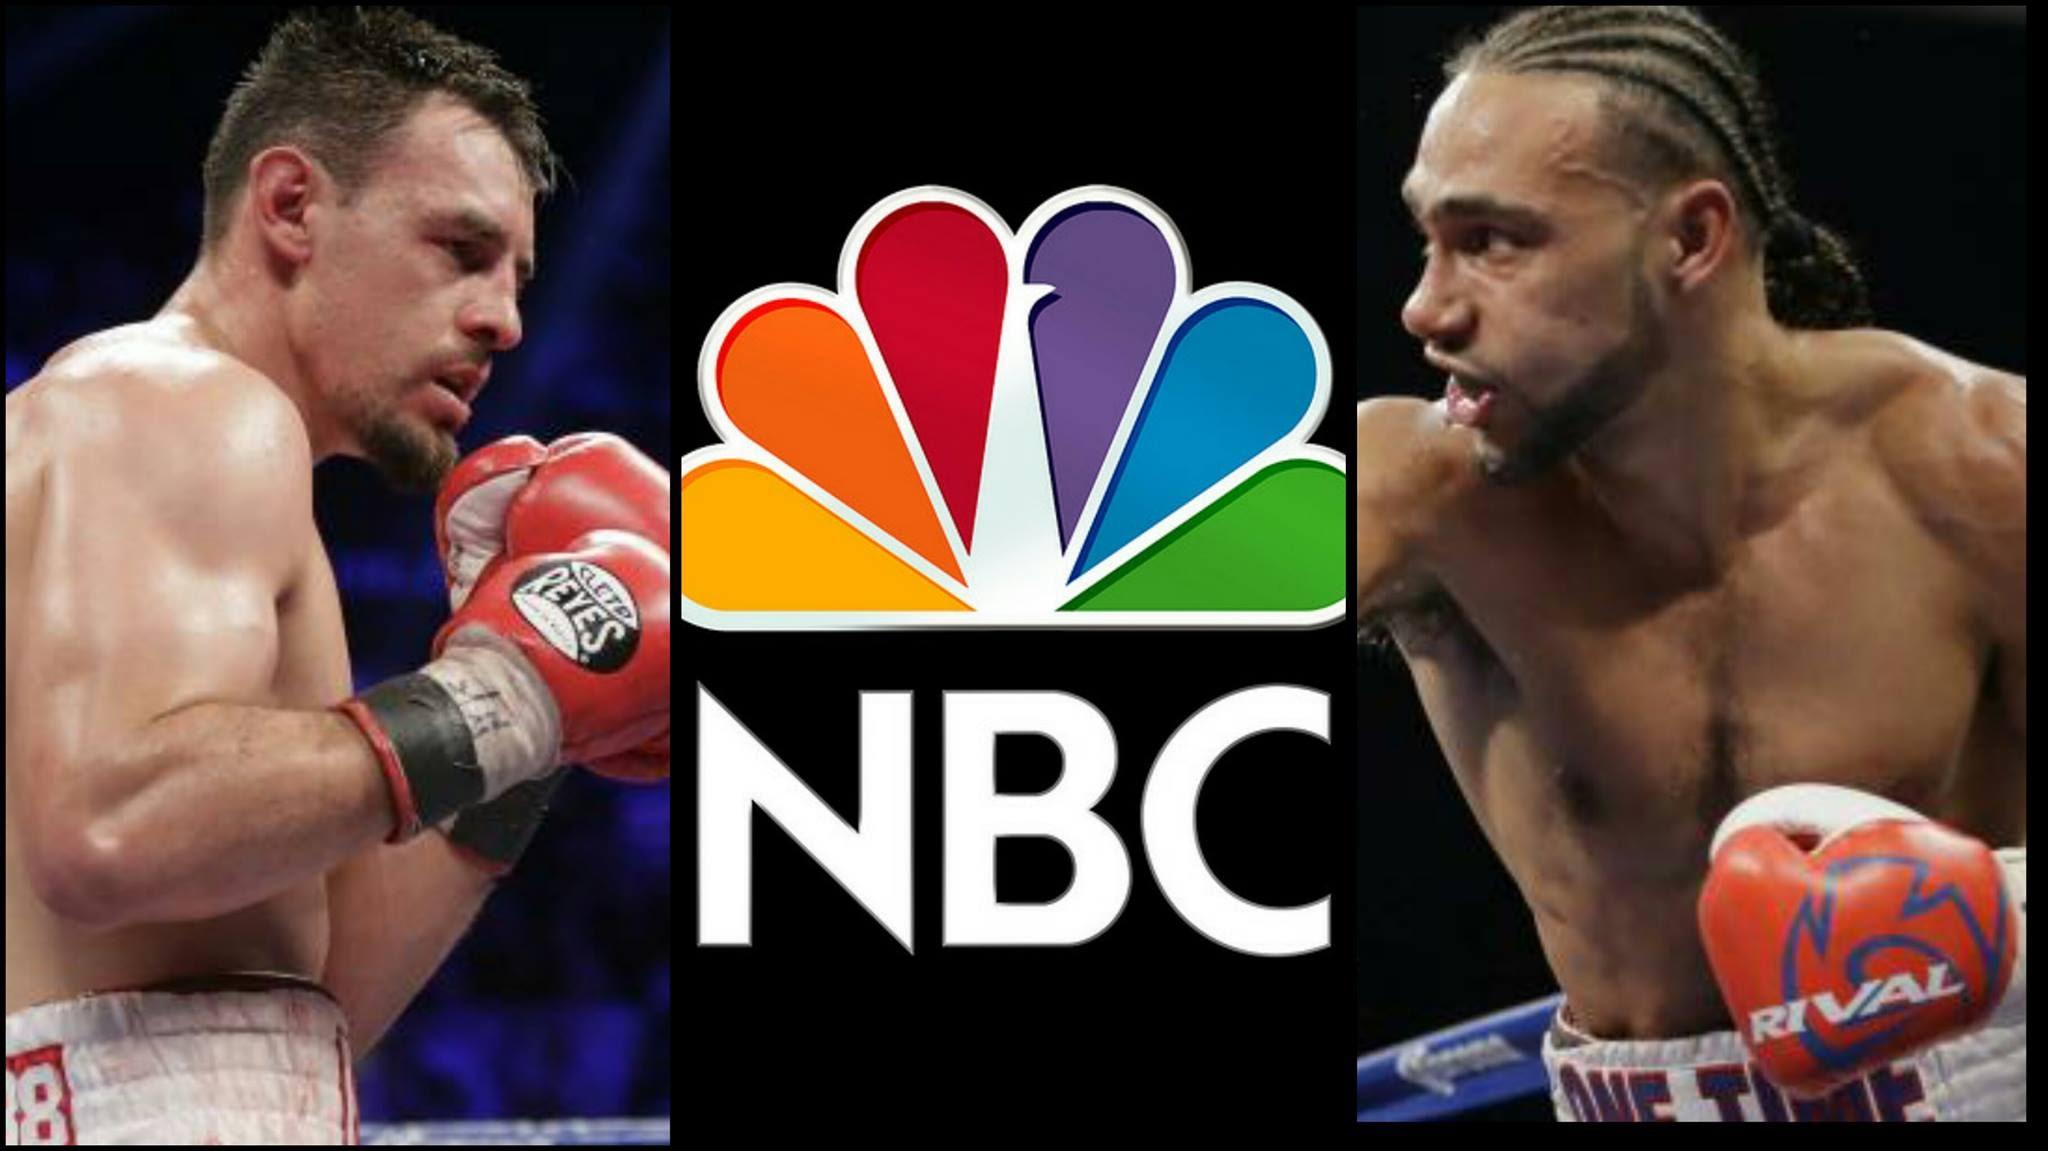 El regreso de NBC y la televisión abierta al boxeo en Estados Unidos